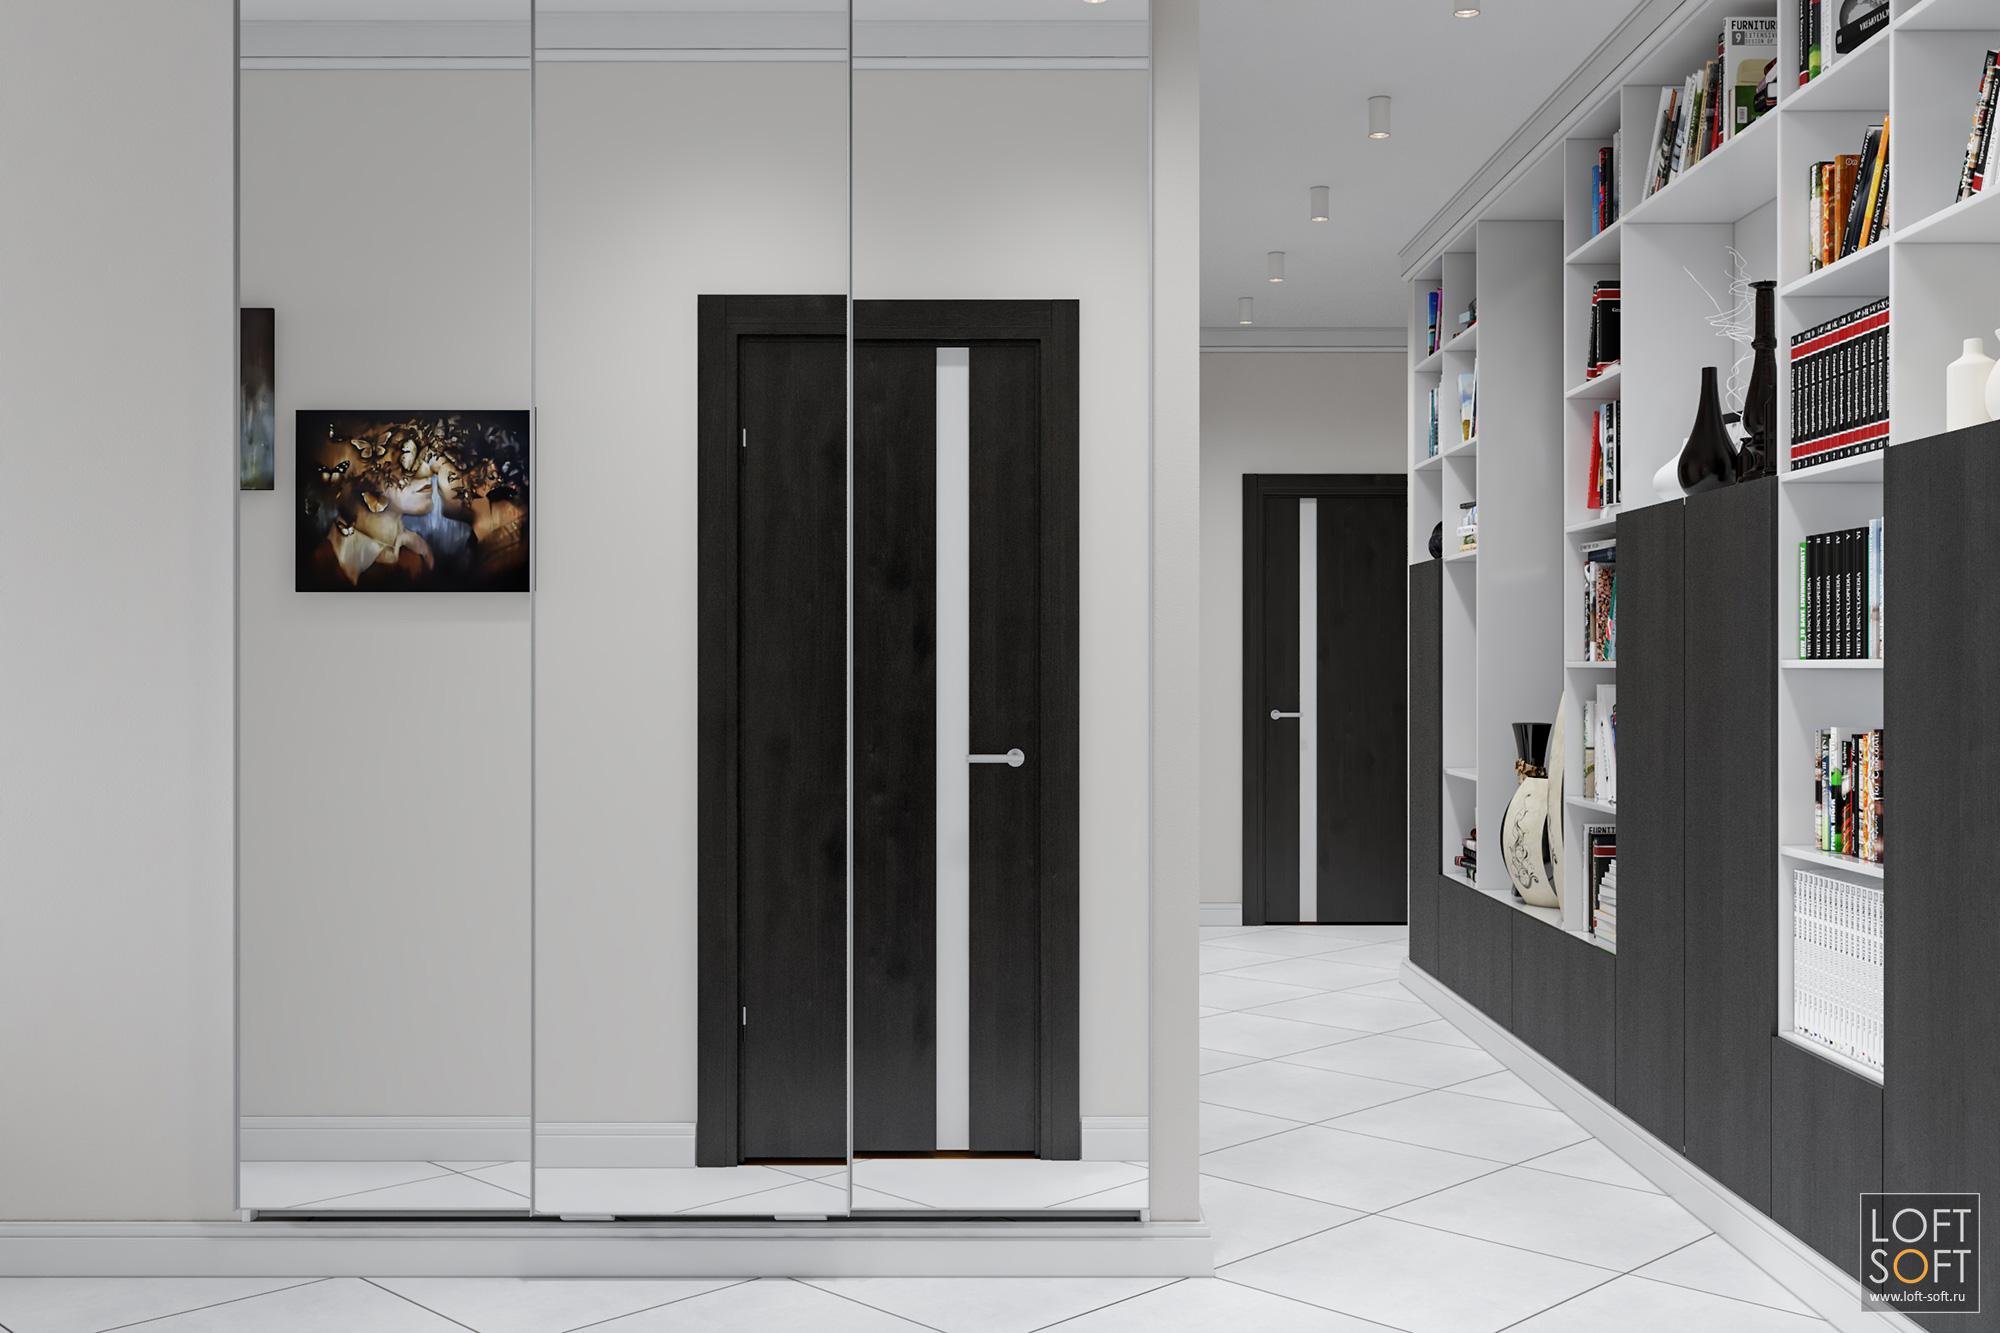 Коридор всовременном интерьере, белая блитка наполу, стеллаж вкоридоре, loft soft